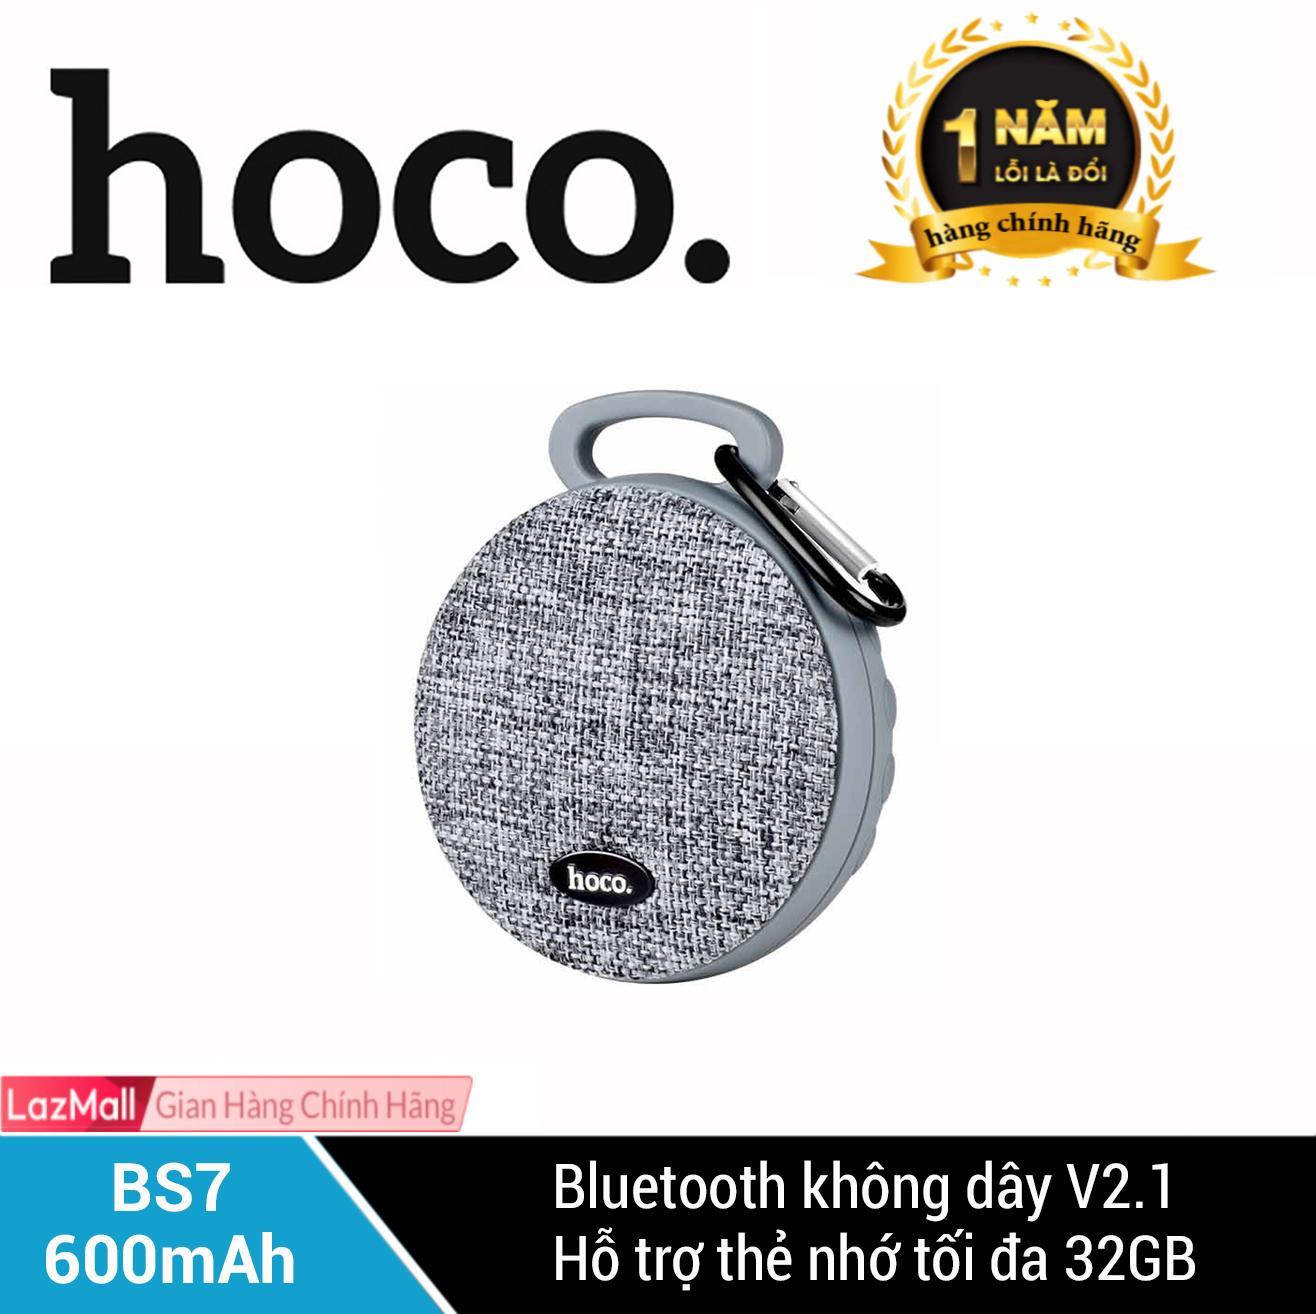 Loa Bluetooth Hoco BS7 600mAh - Hãng phân phối chính thức Nhật Bản